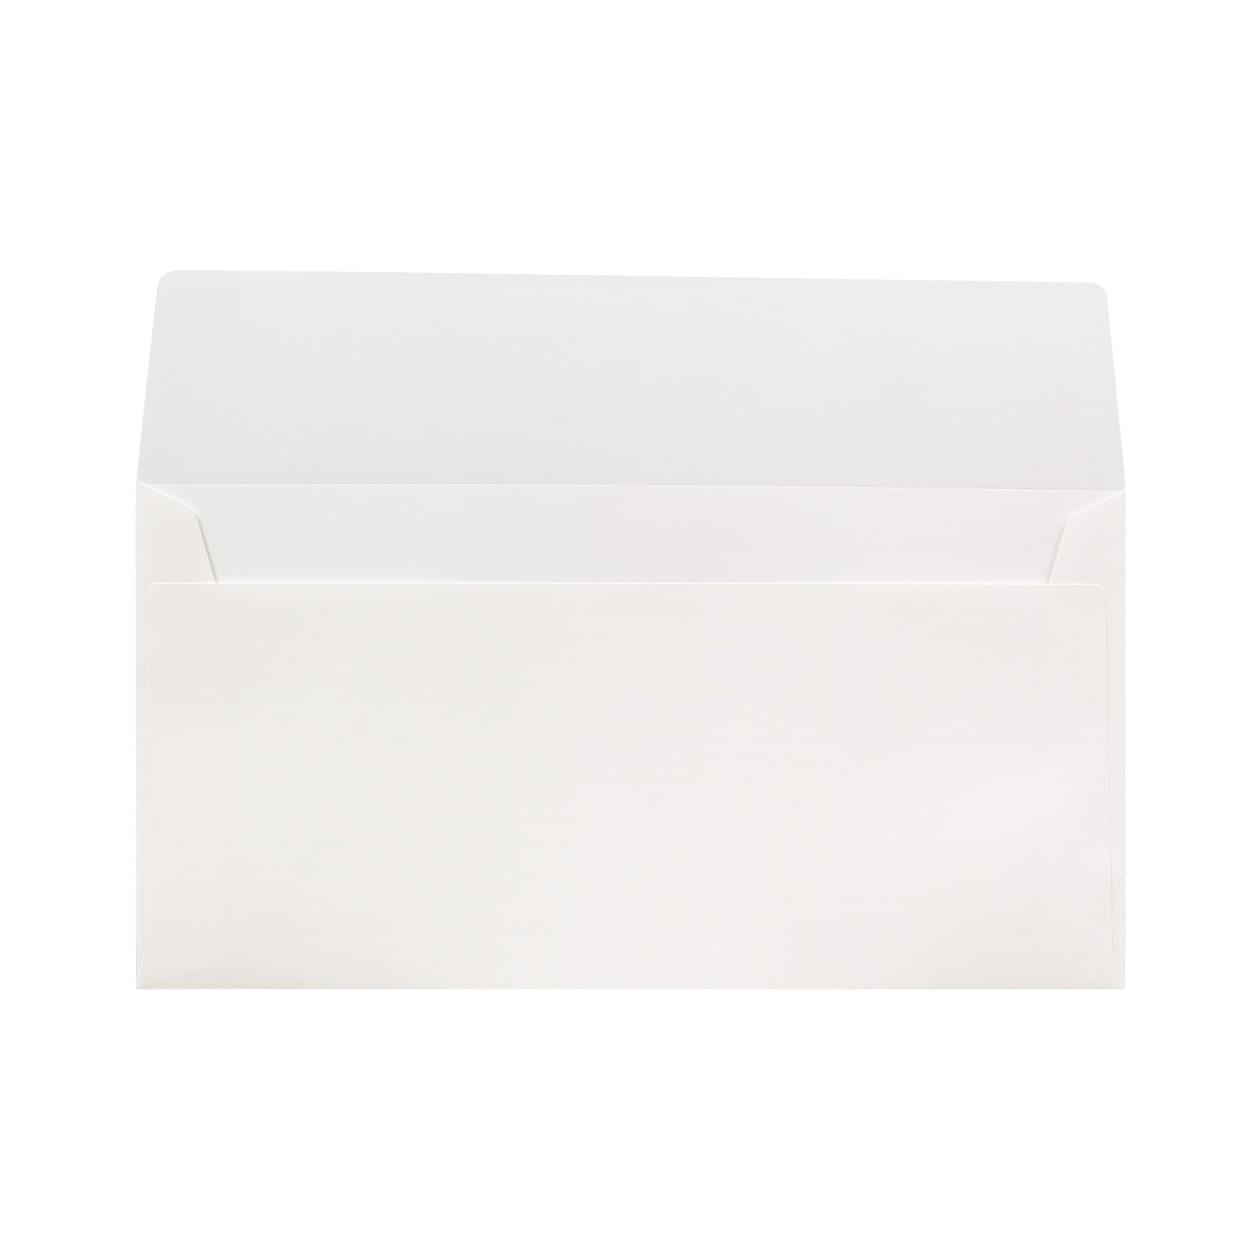 サンプル 封筒・袋 00163